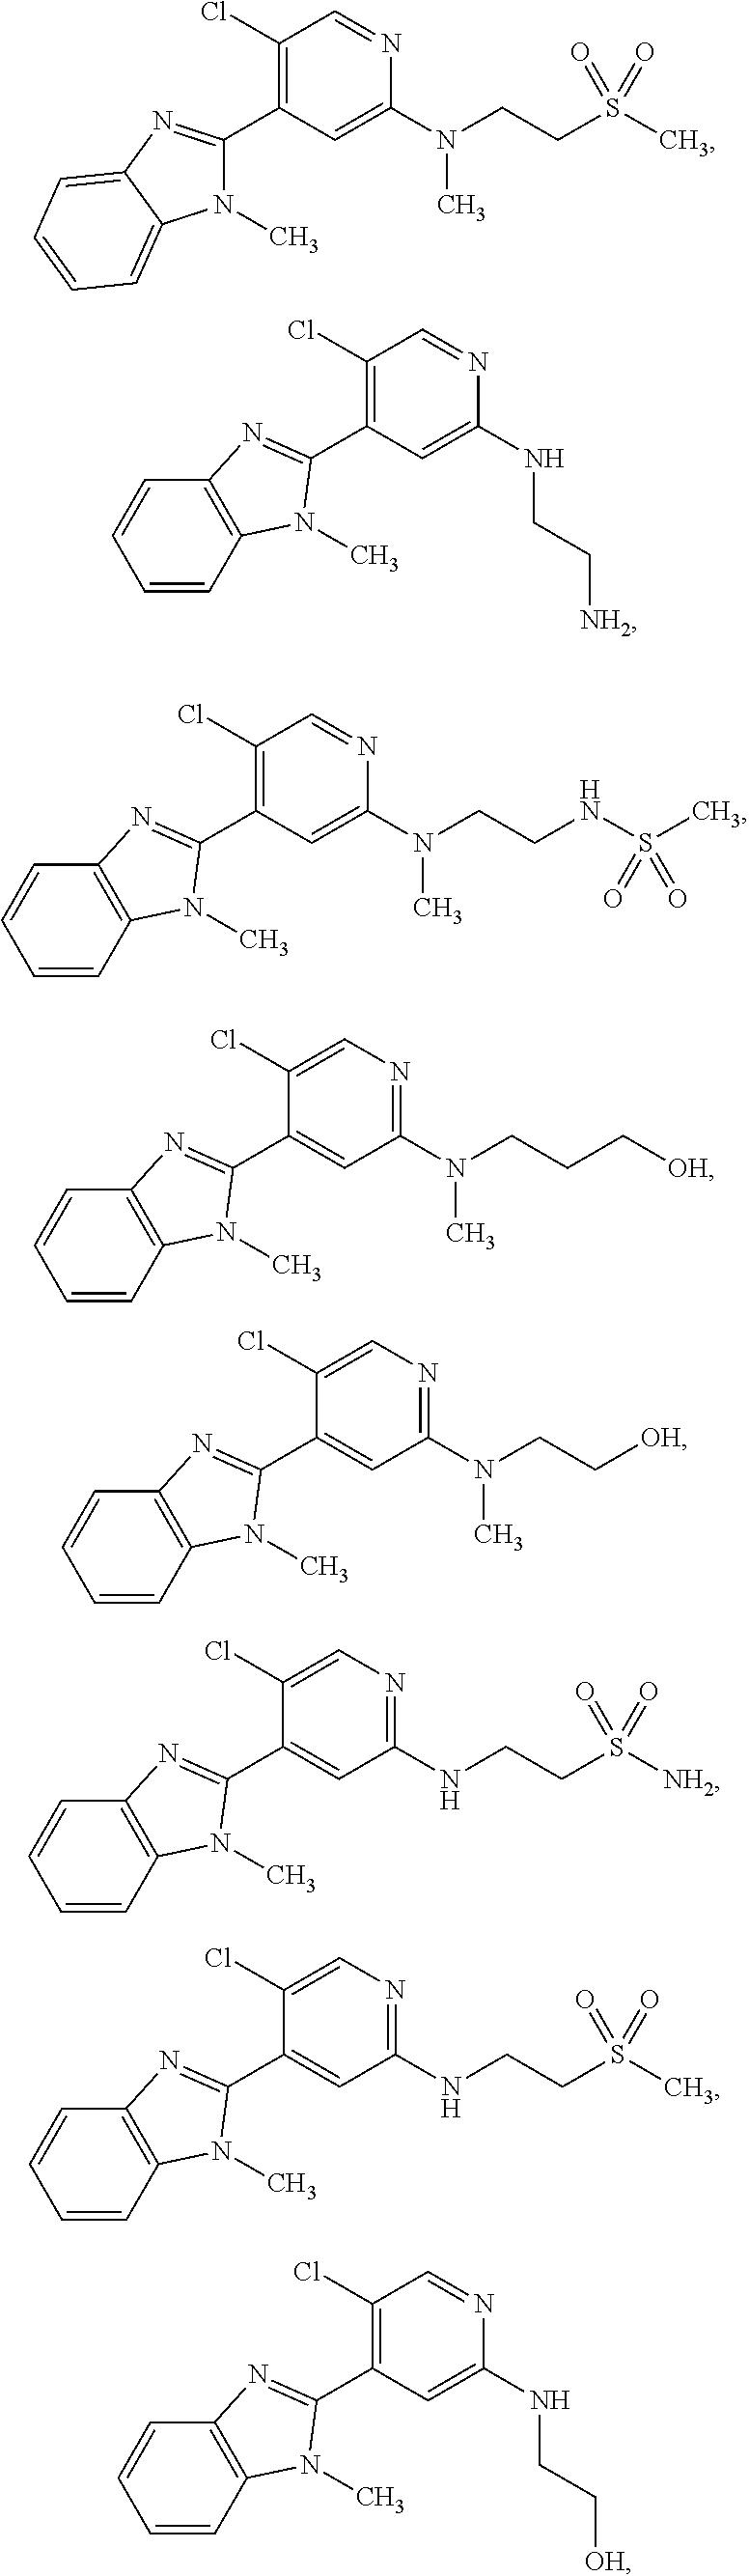 Figure US20120157471A1-20120621-C00002